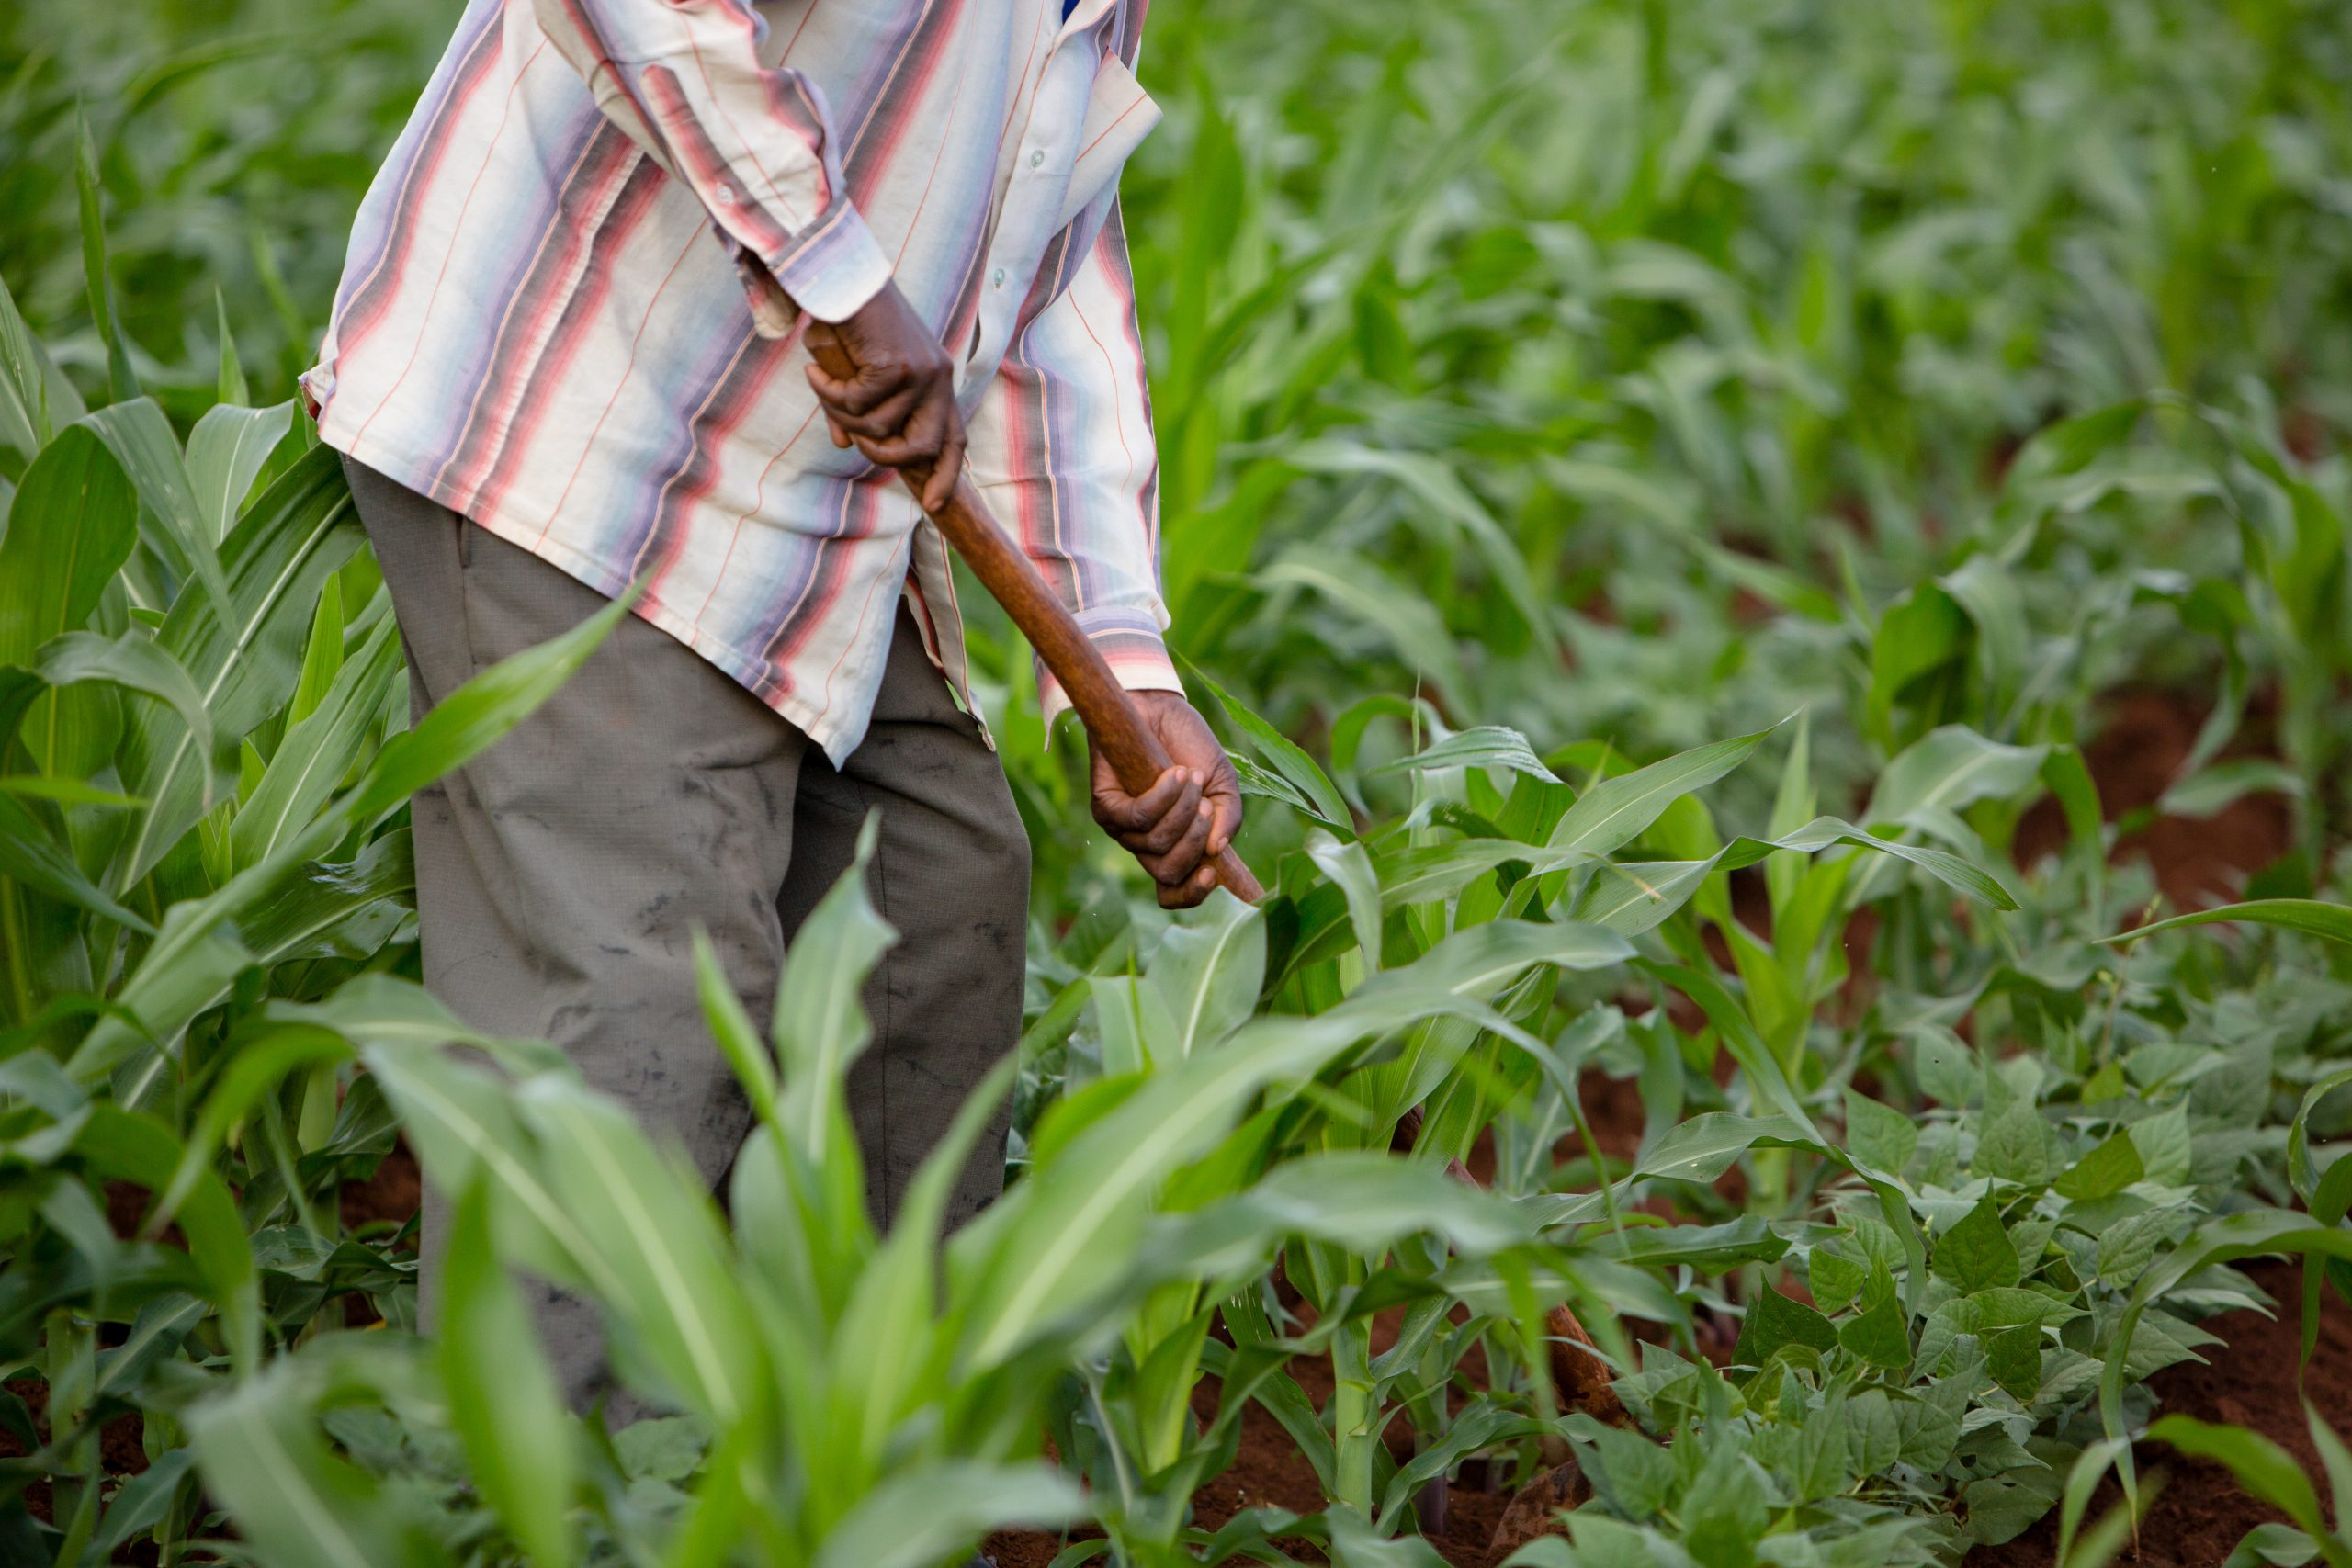 farmer working in field of crops